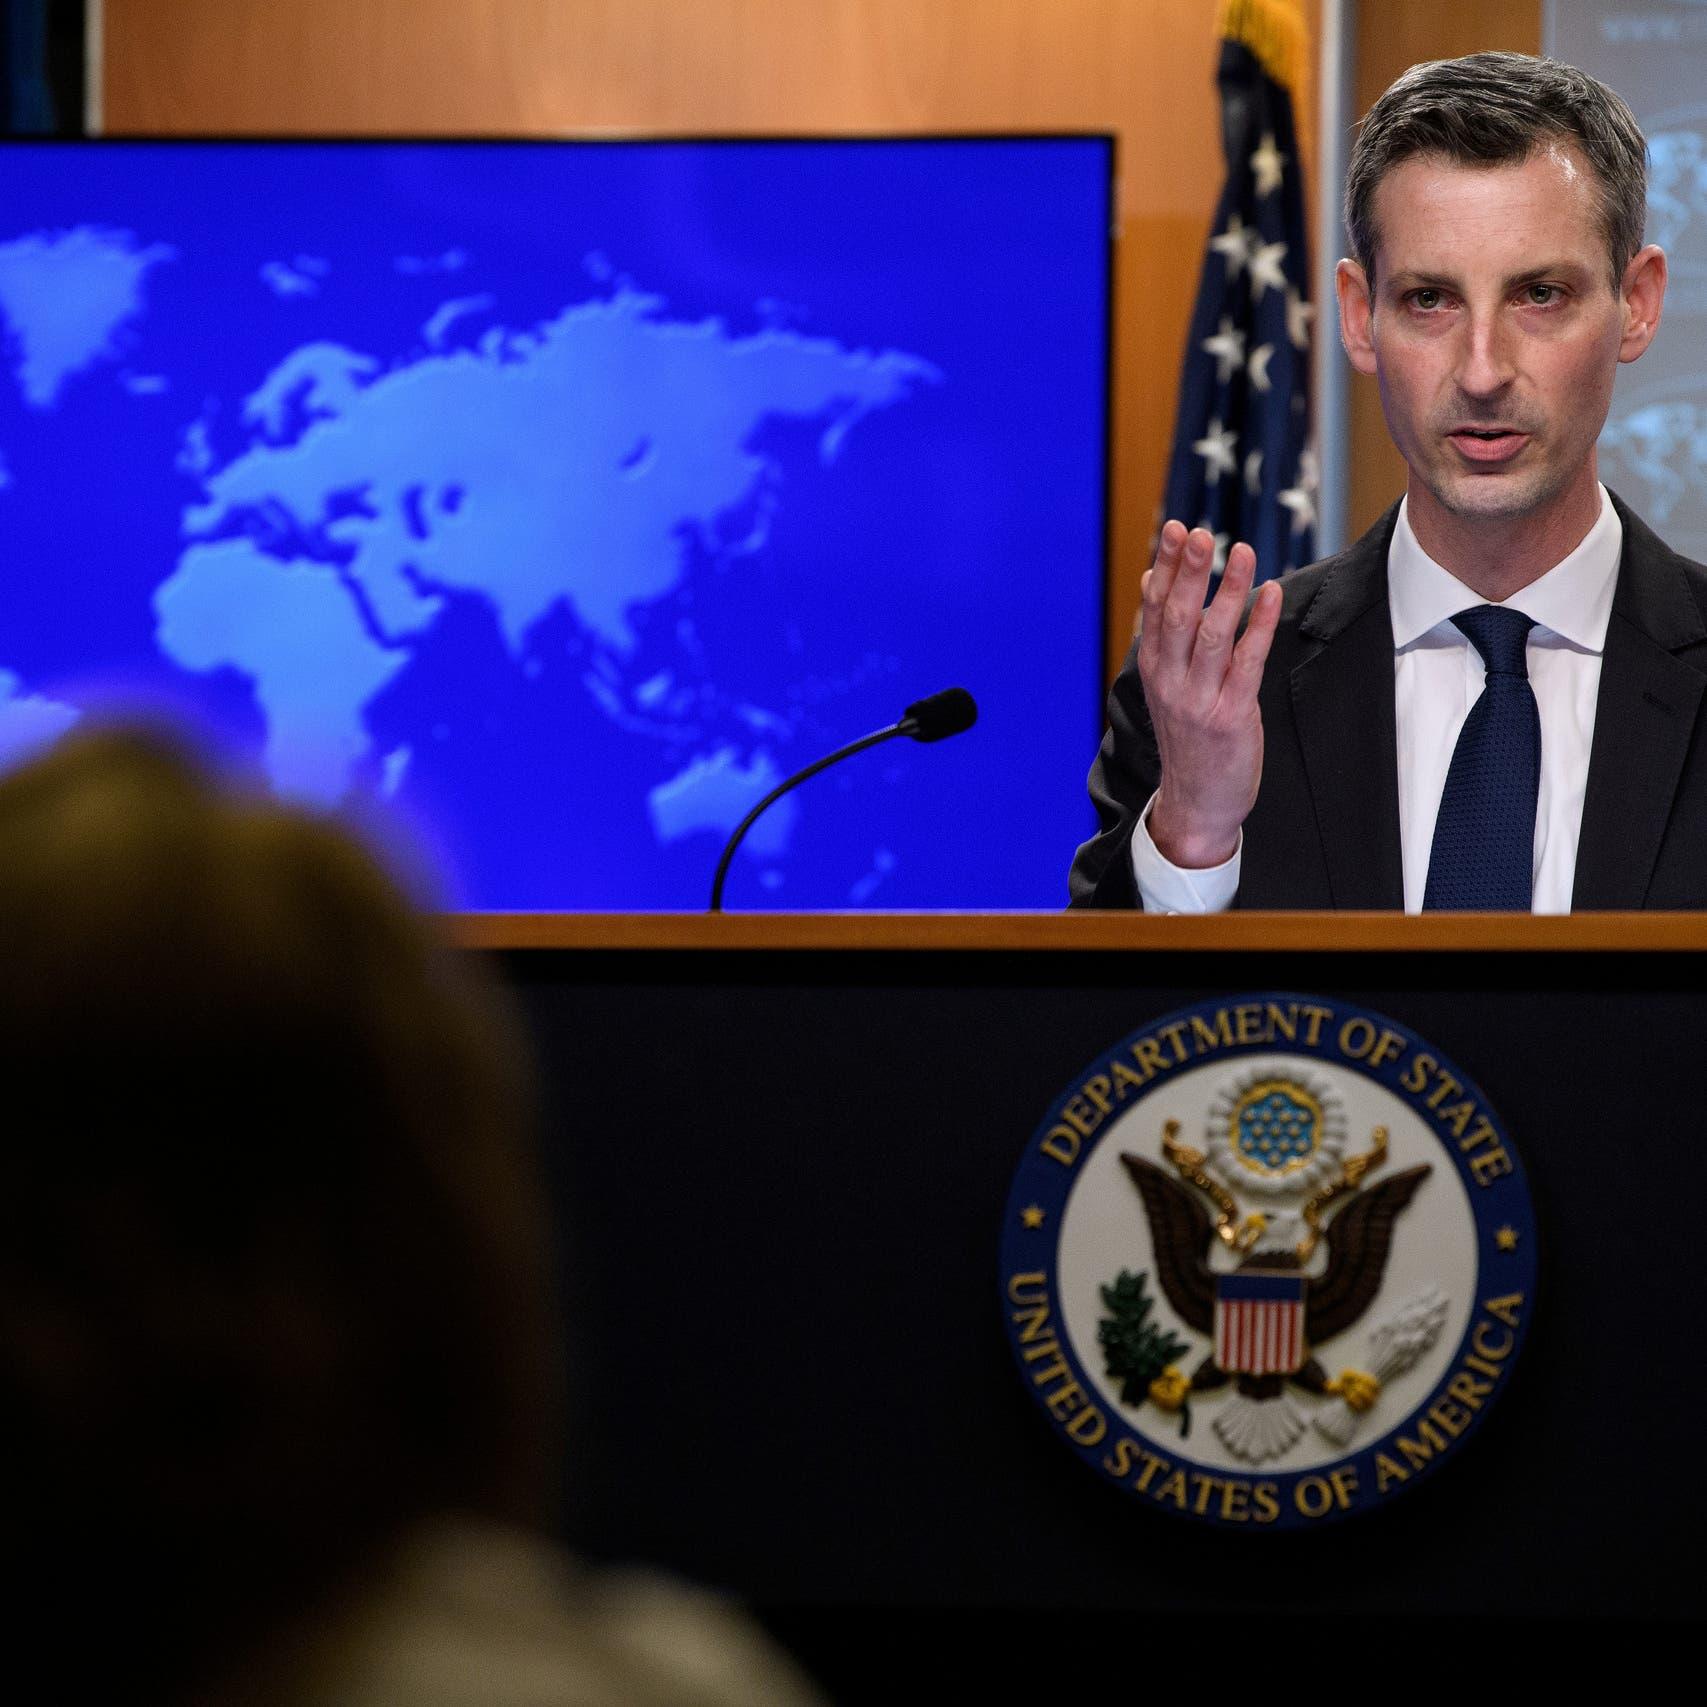 واشنطن: على طهران الامتثال أولاً قبل رفع العقوبات